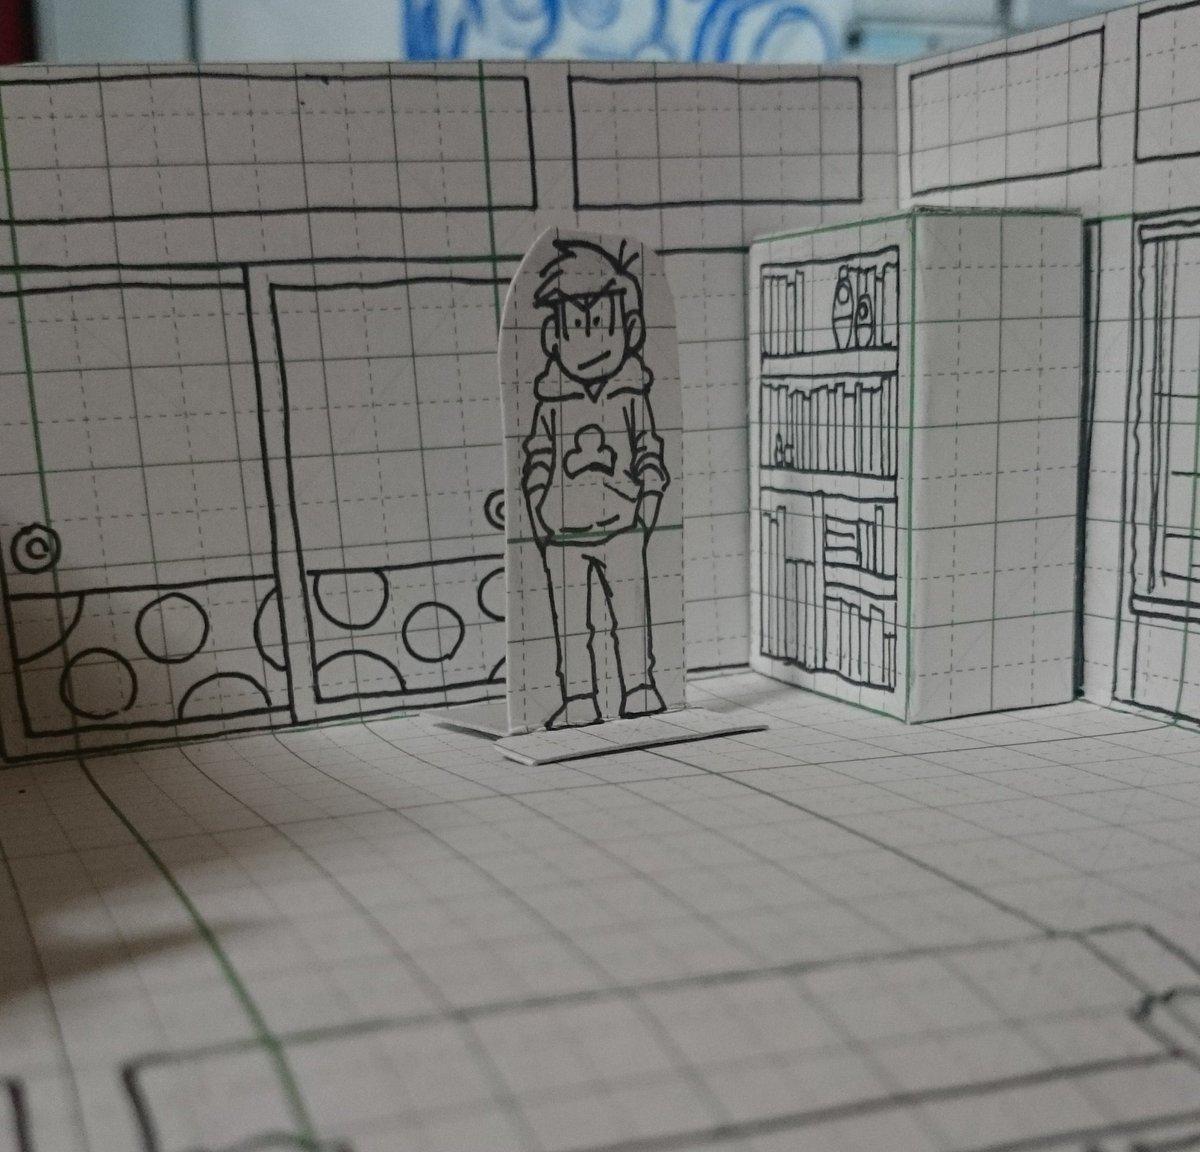 松野家の室内のパースがどうにも描けない、それなら作ればいいじゃない!と…方眼紙で。あれこれはしょった…